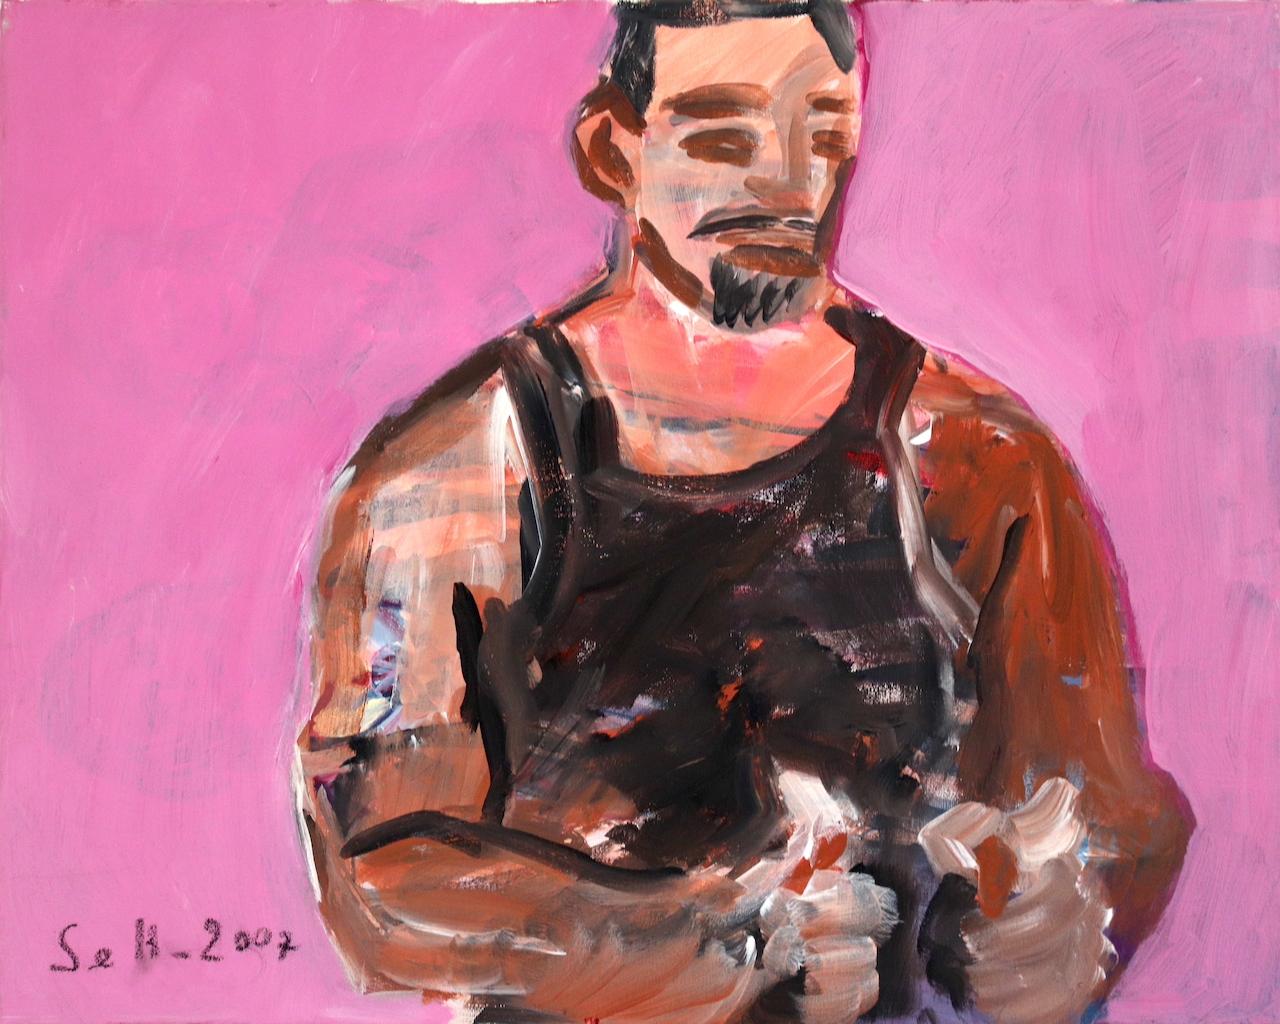 Muskelman in Rosa Pink, Gemälde von Susanne Haun (c) VG Bild-Kunst, Bonn 2021